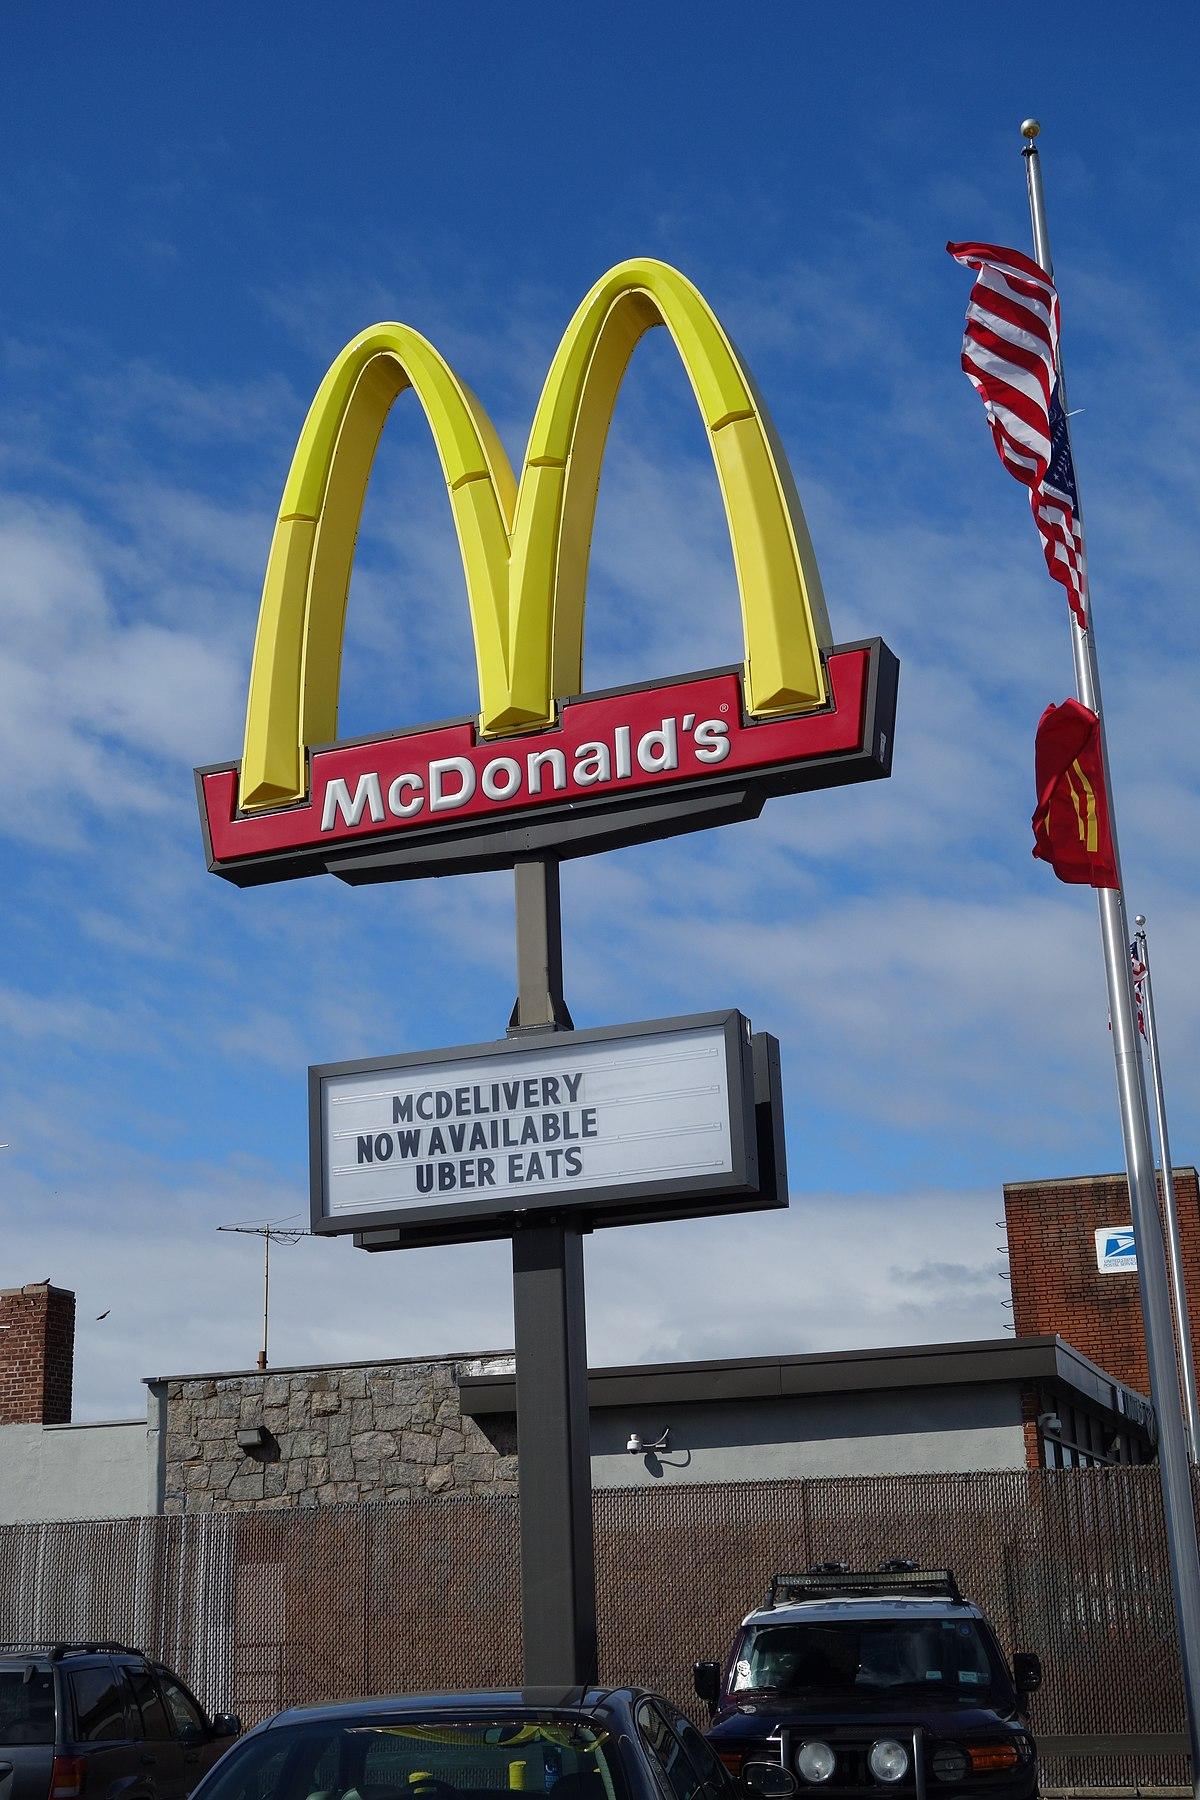 Flatbush Av E 48th St 06 - McDonald's.jpg